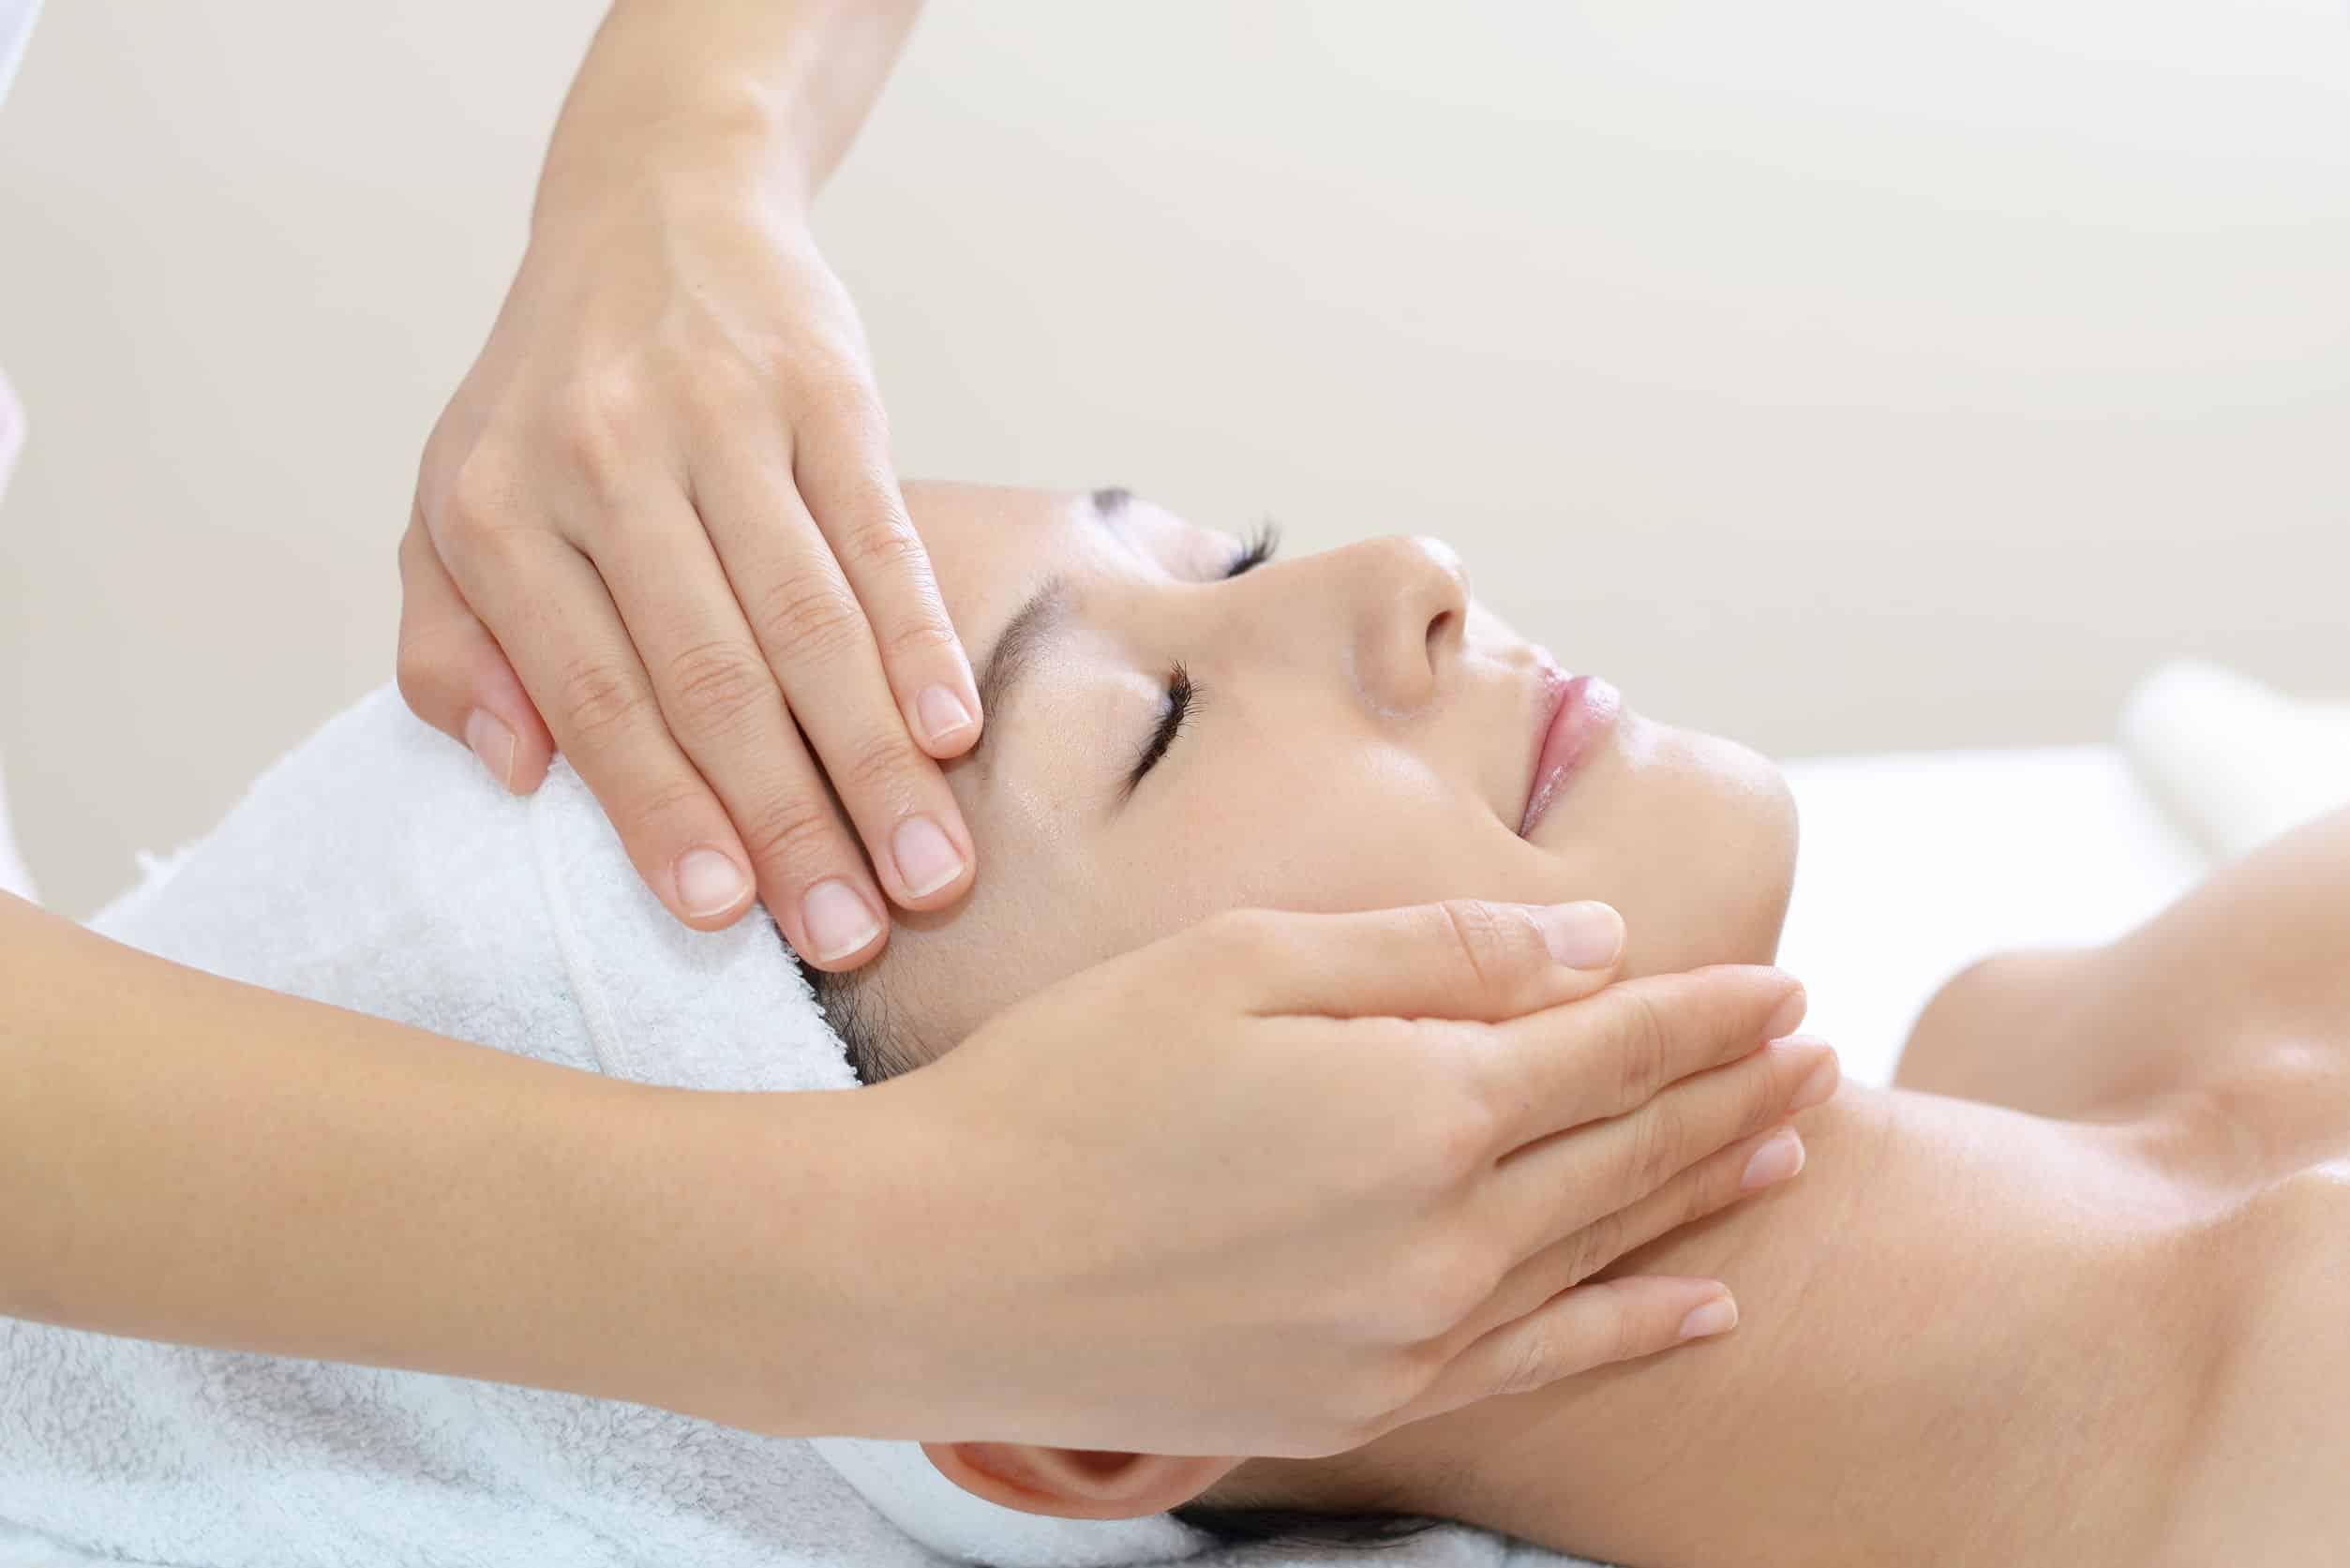 Ko Bi Do massage